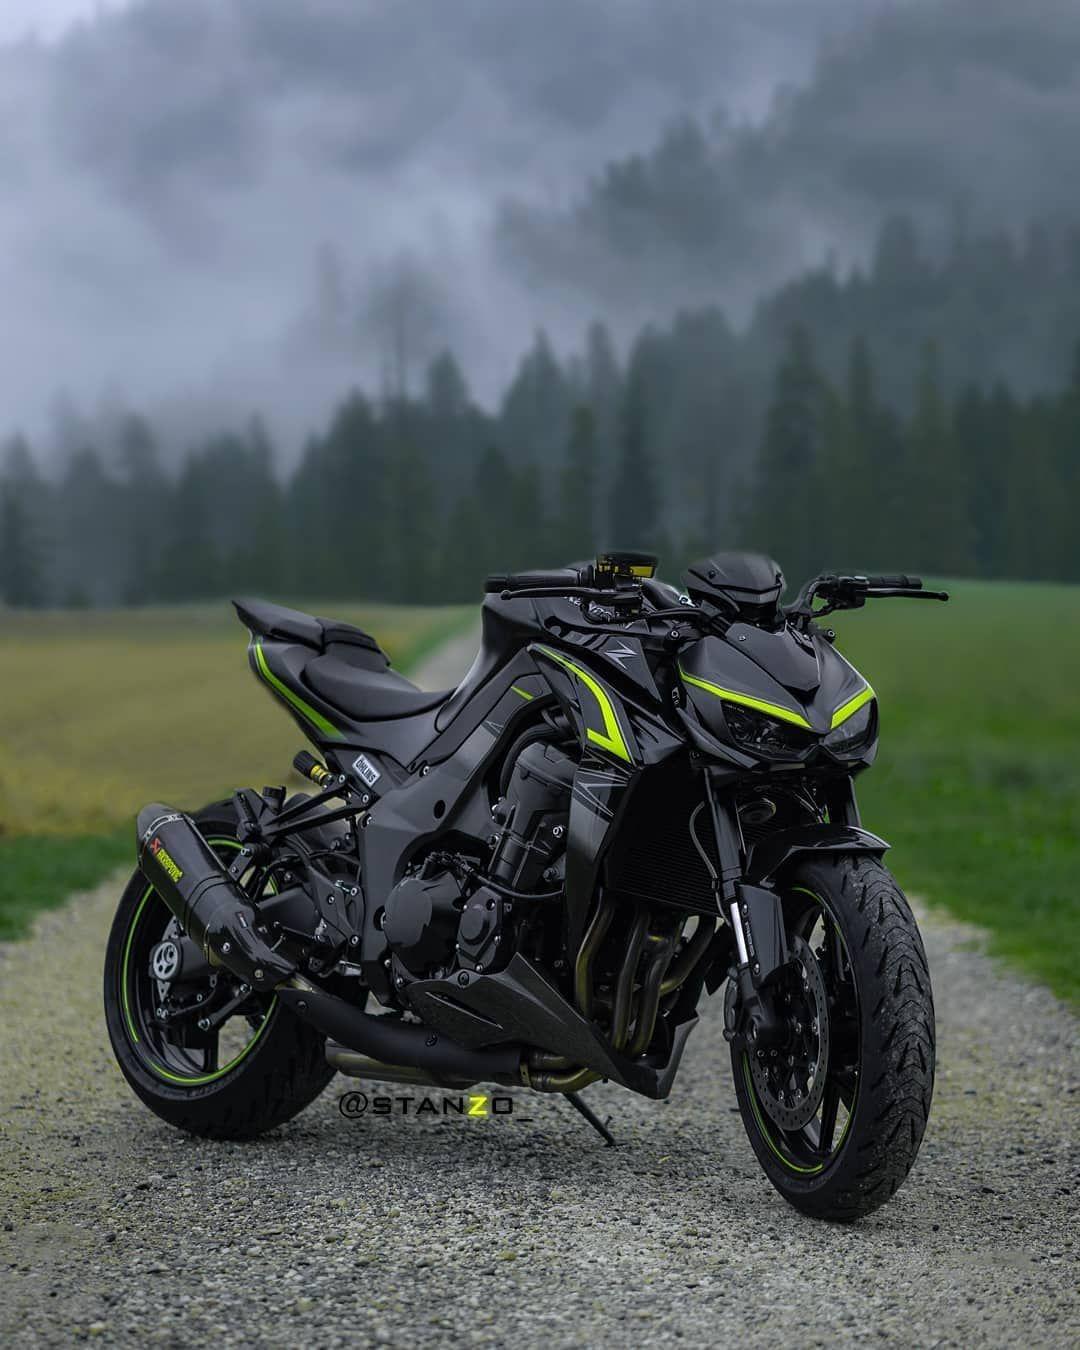 Lets Go Naked Owner At Stanzo Bike Kawasaki Z1000r Kawasakih2